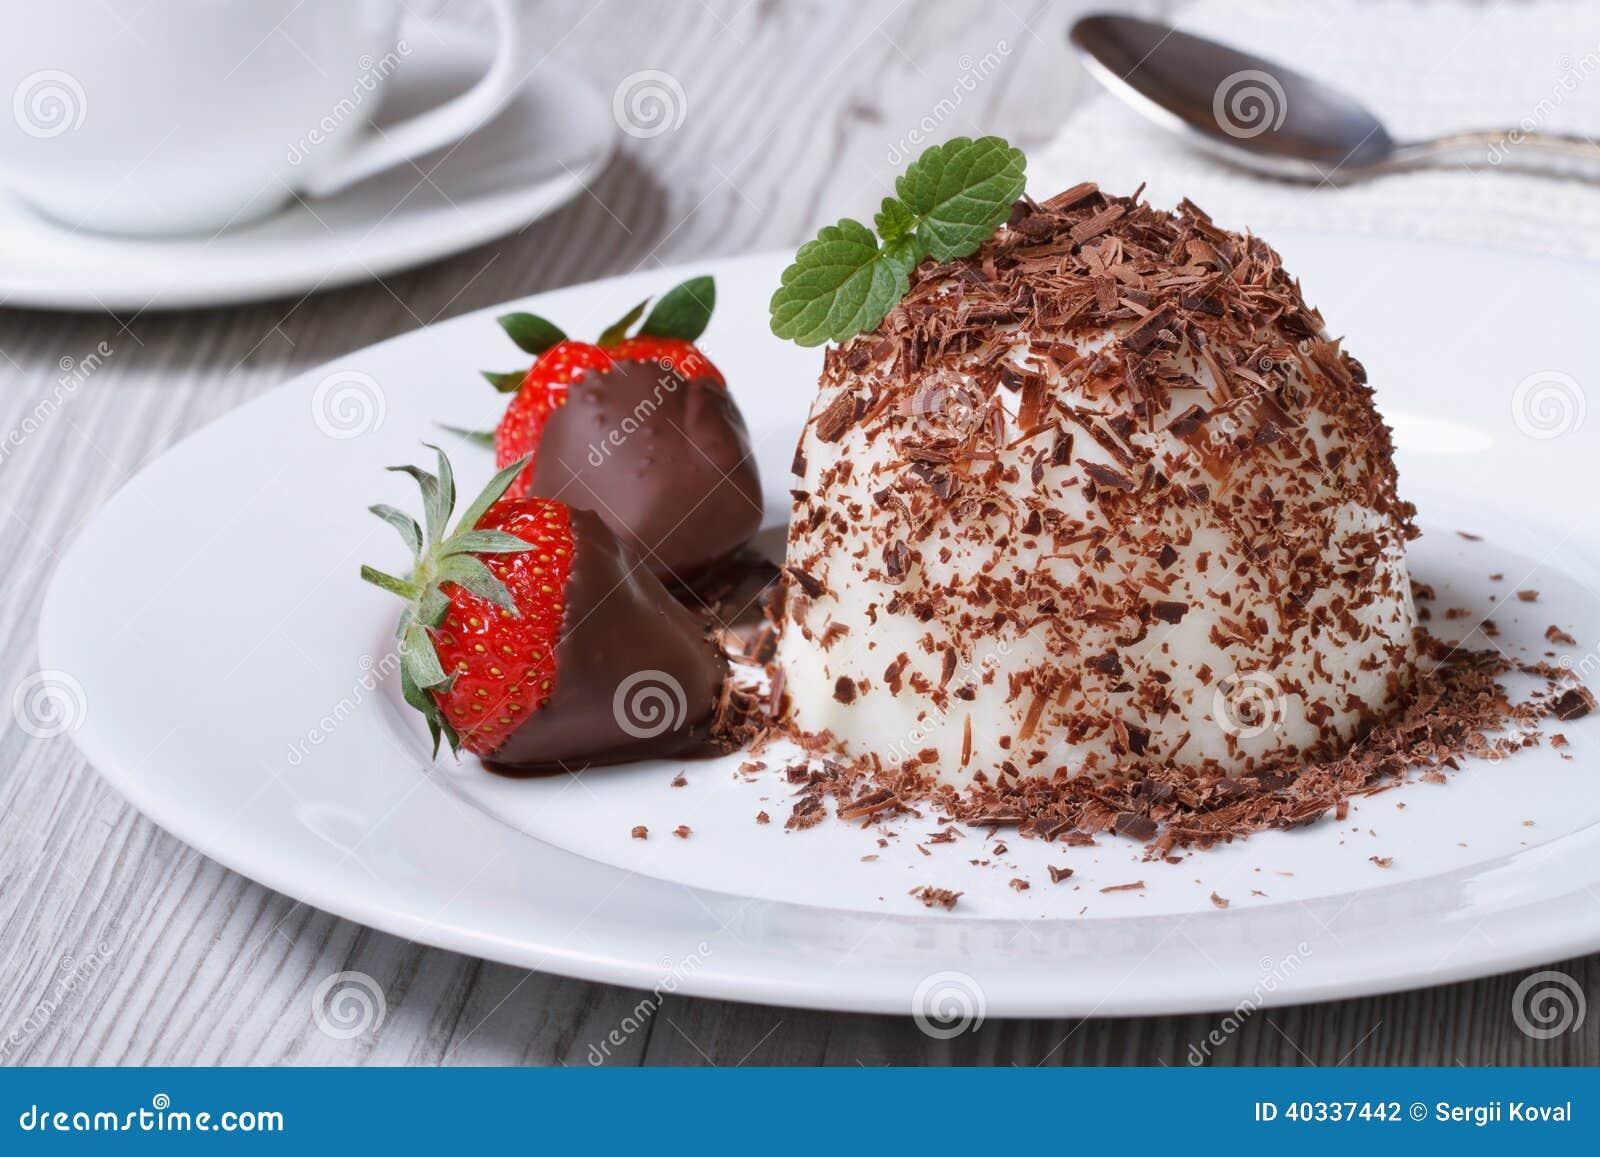 italienischer nachtisch panna cotta mit erdbeeren in der schokolade stockfoto bild von. Black Bedroom Furniture Sets. Home Design Ideas